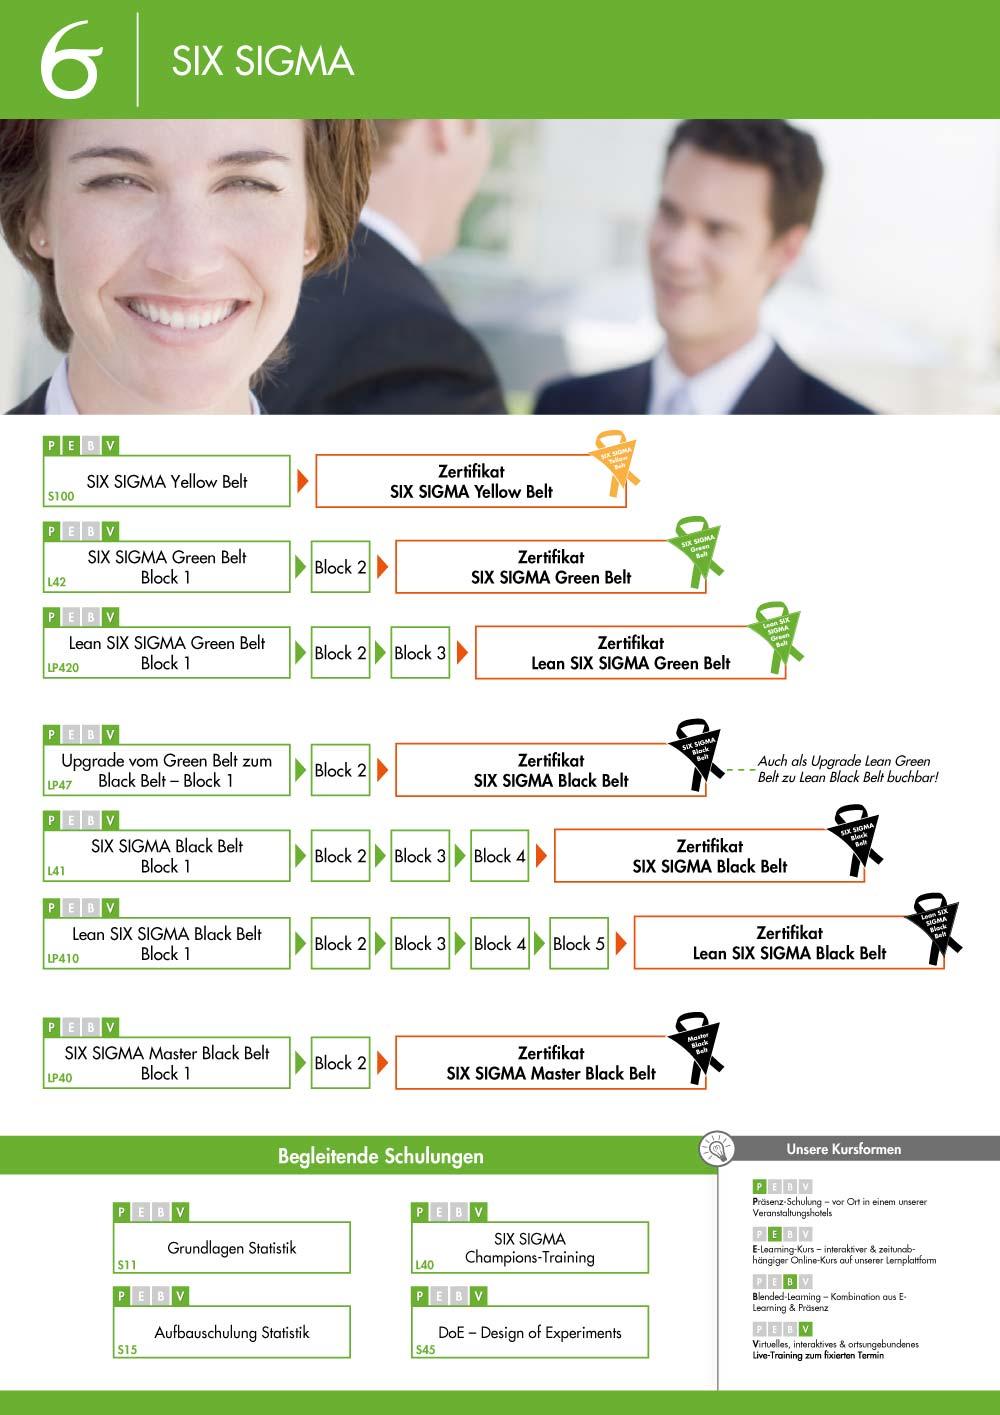 Ausbildungsübersicht - Six Sigma Ausbildung